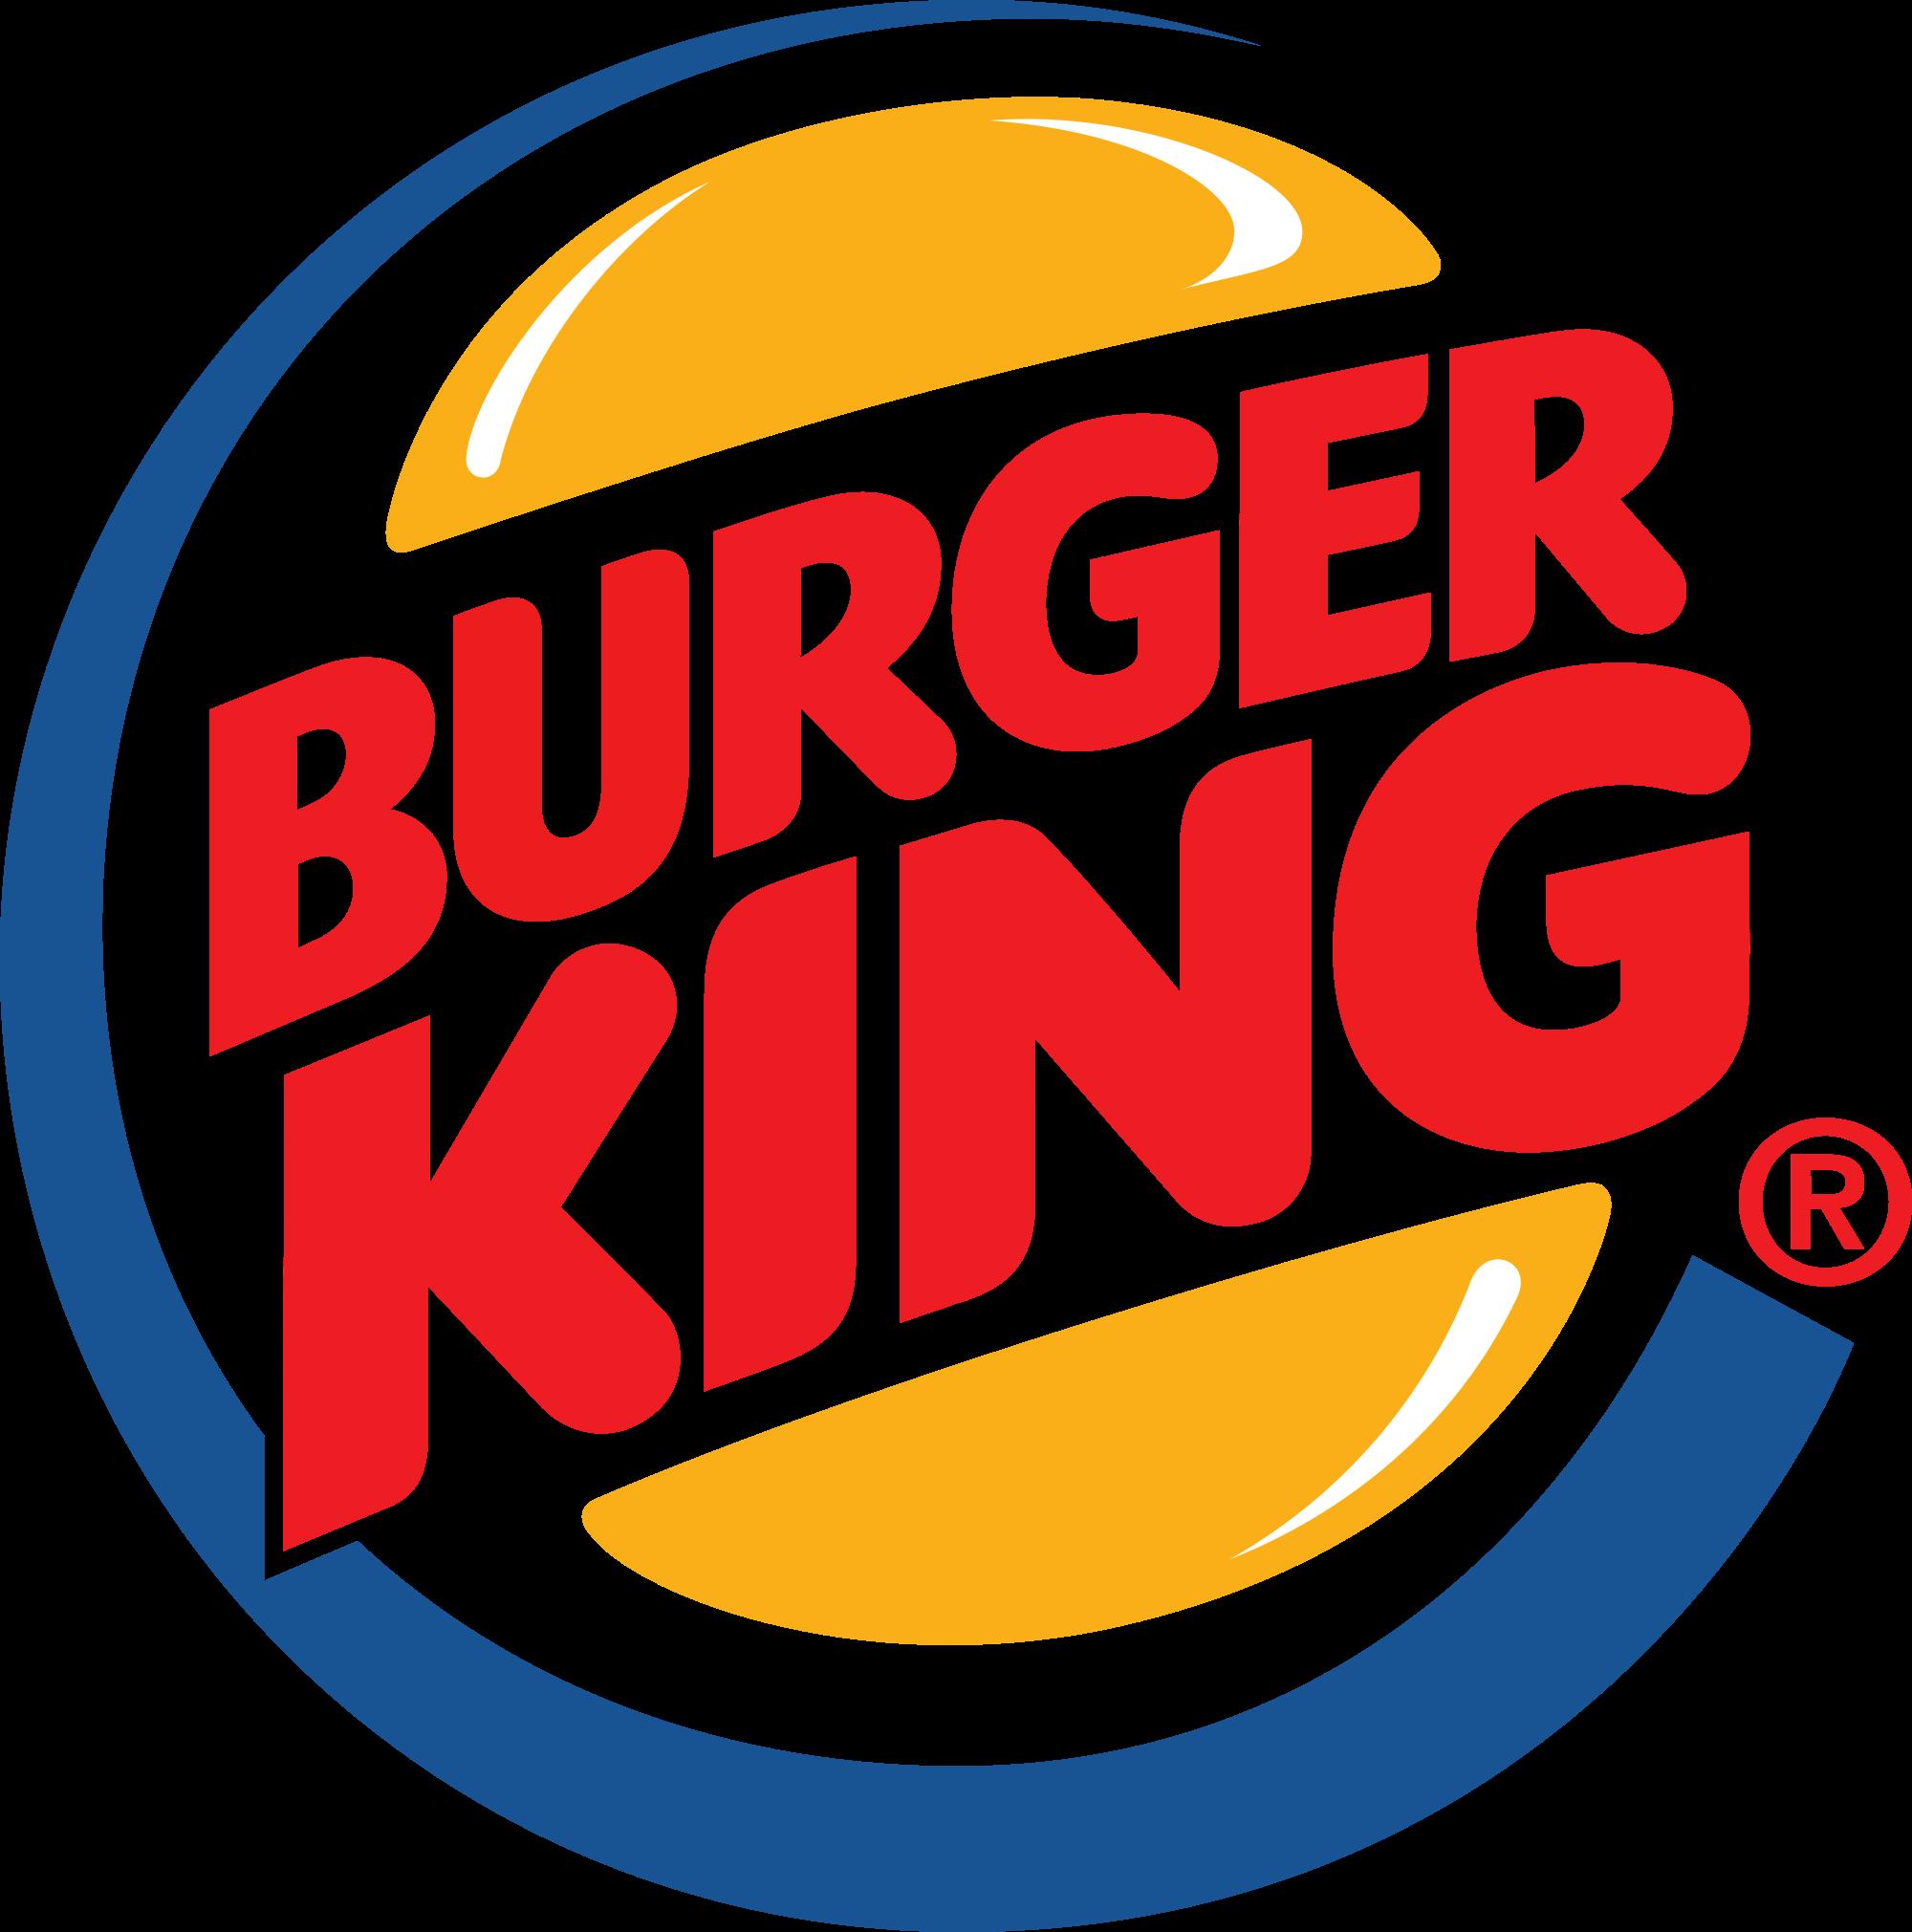 Burger King - Linking Road - Bandra West - Mumbai Image